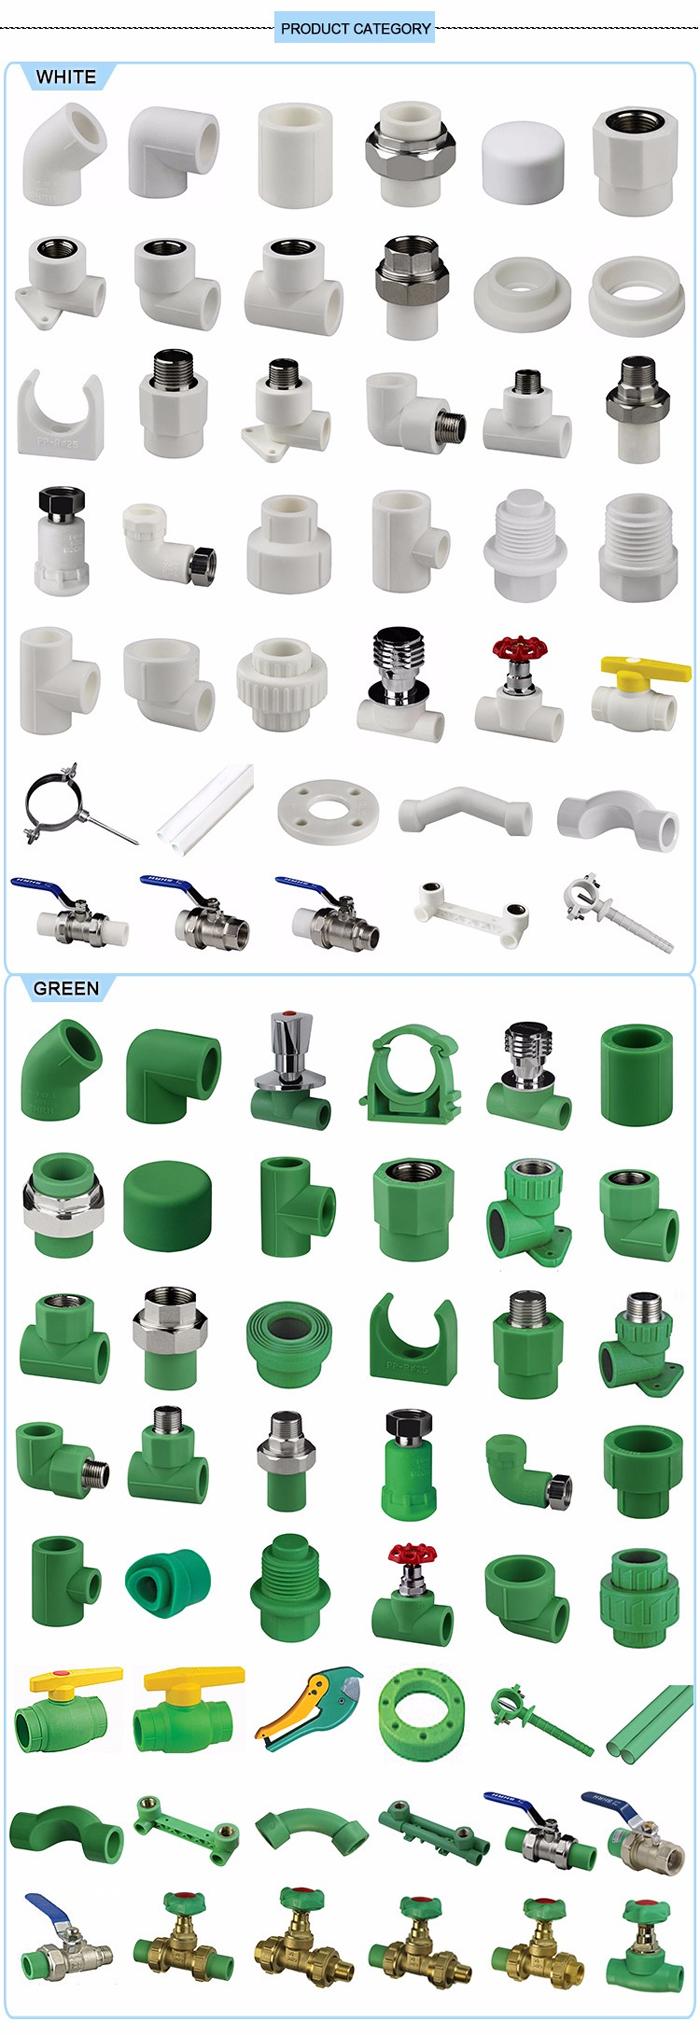 Sanitär materialien Kunststoff Wasser Polyethylen Aluminium PPR-Rohr